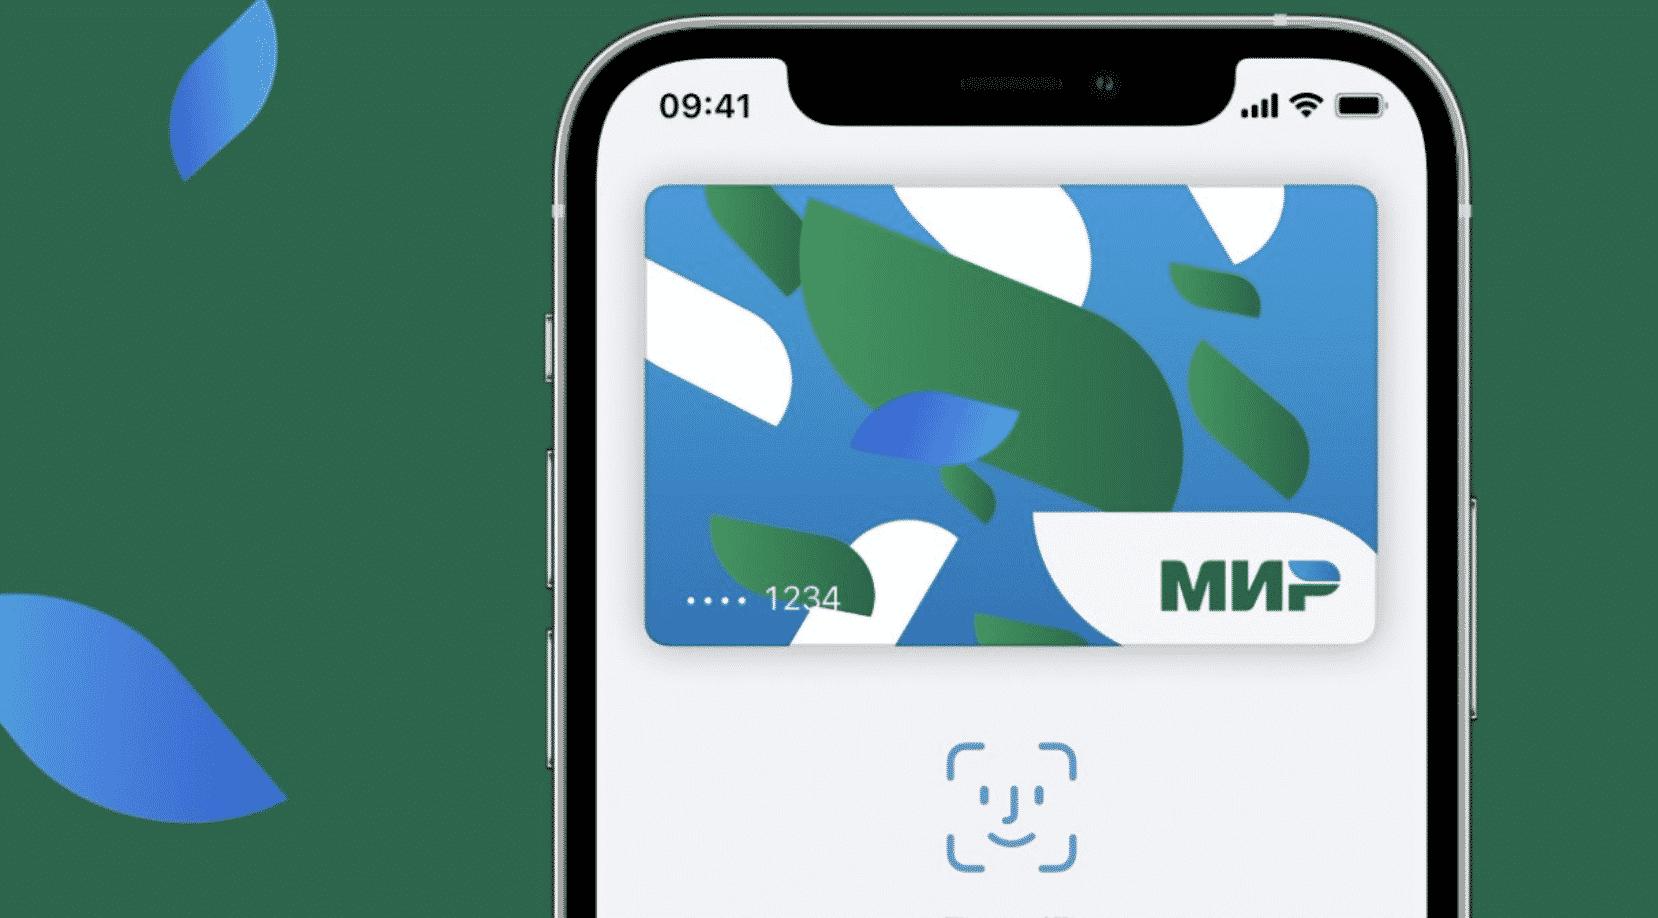 Mir Payment Cards